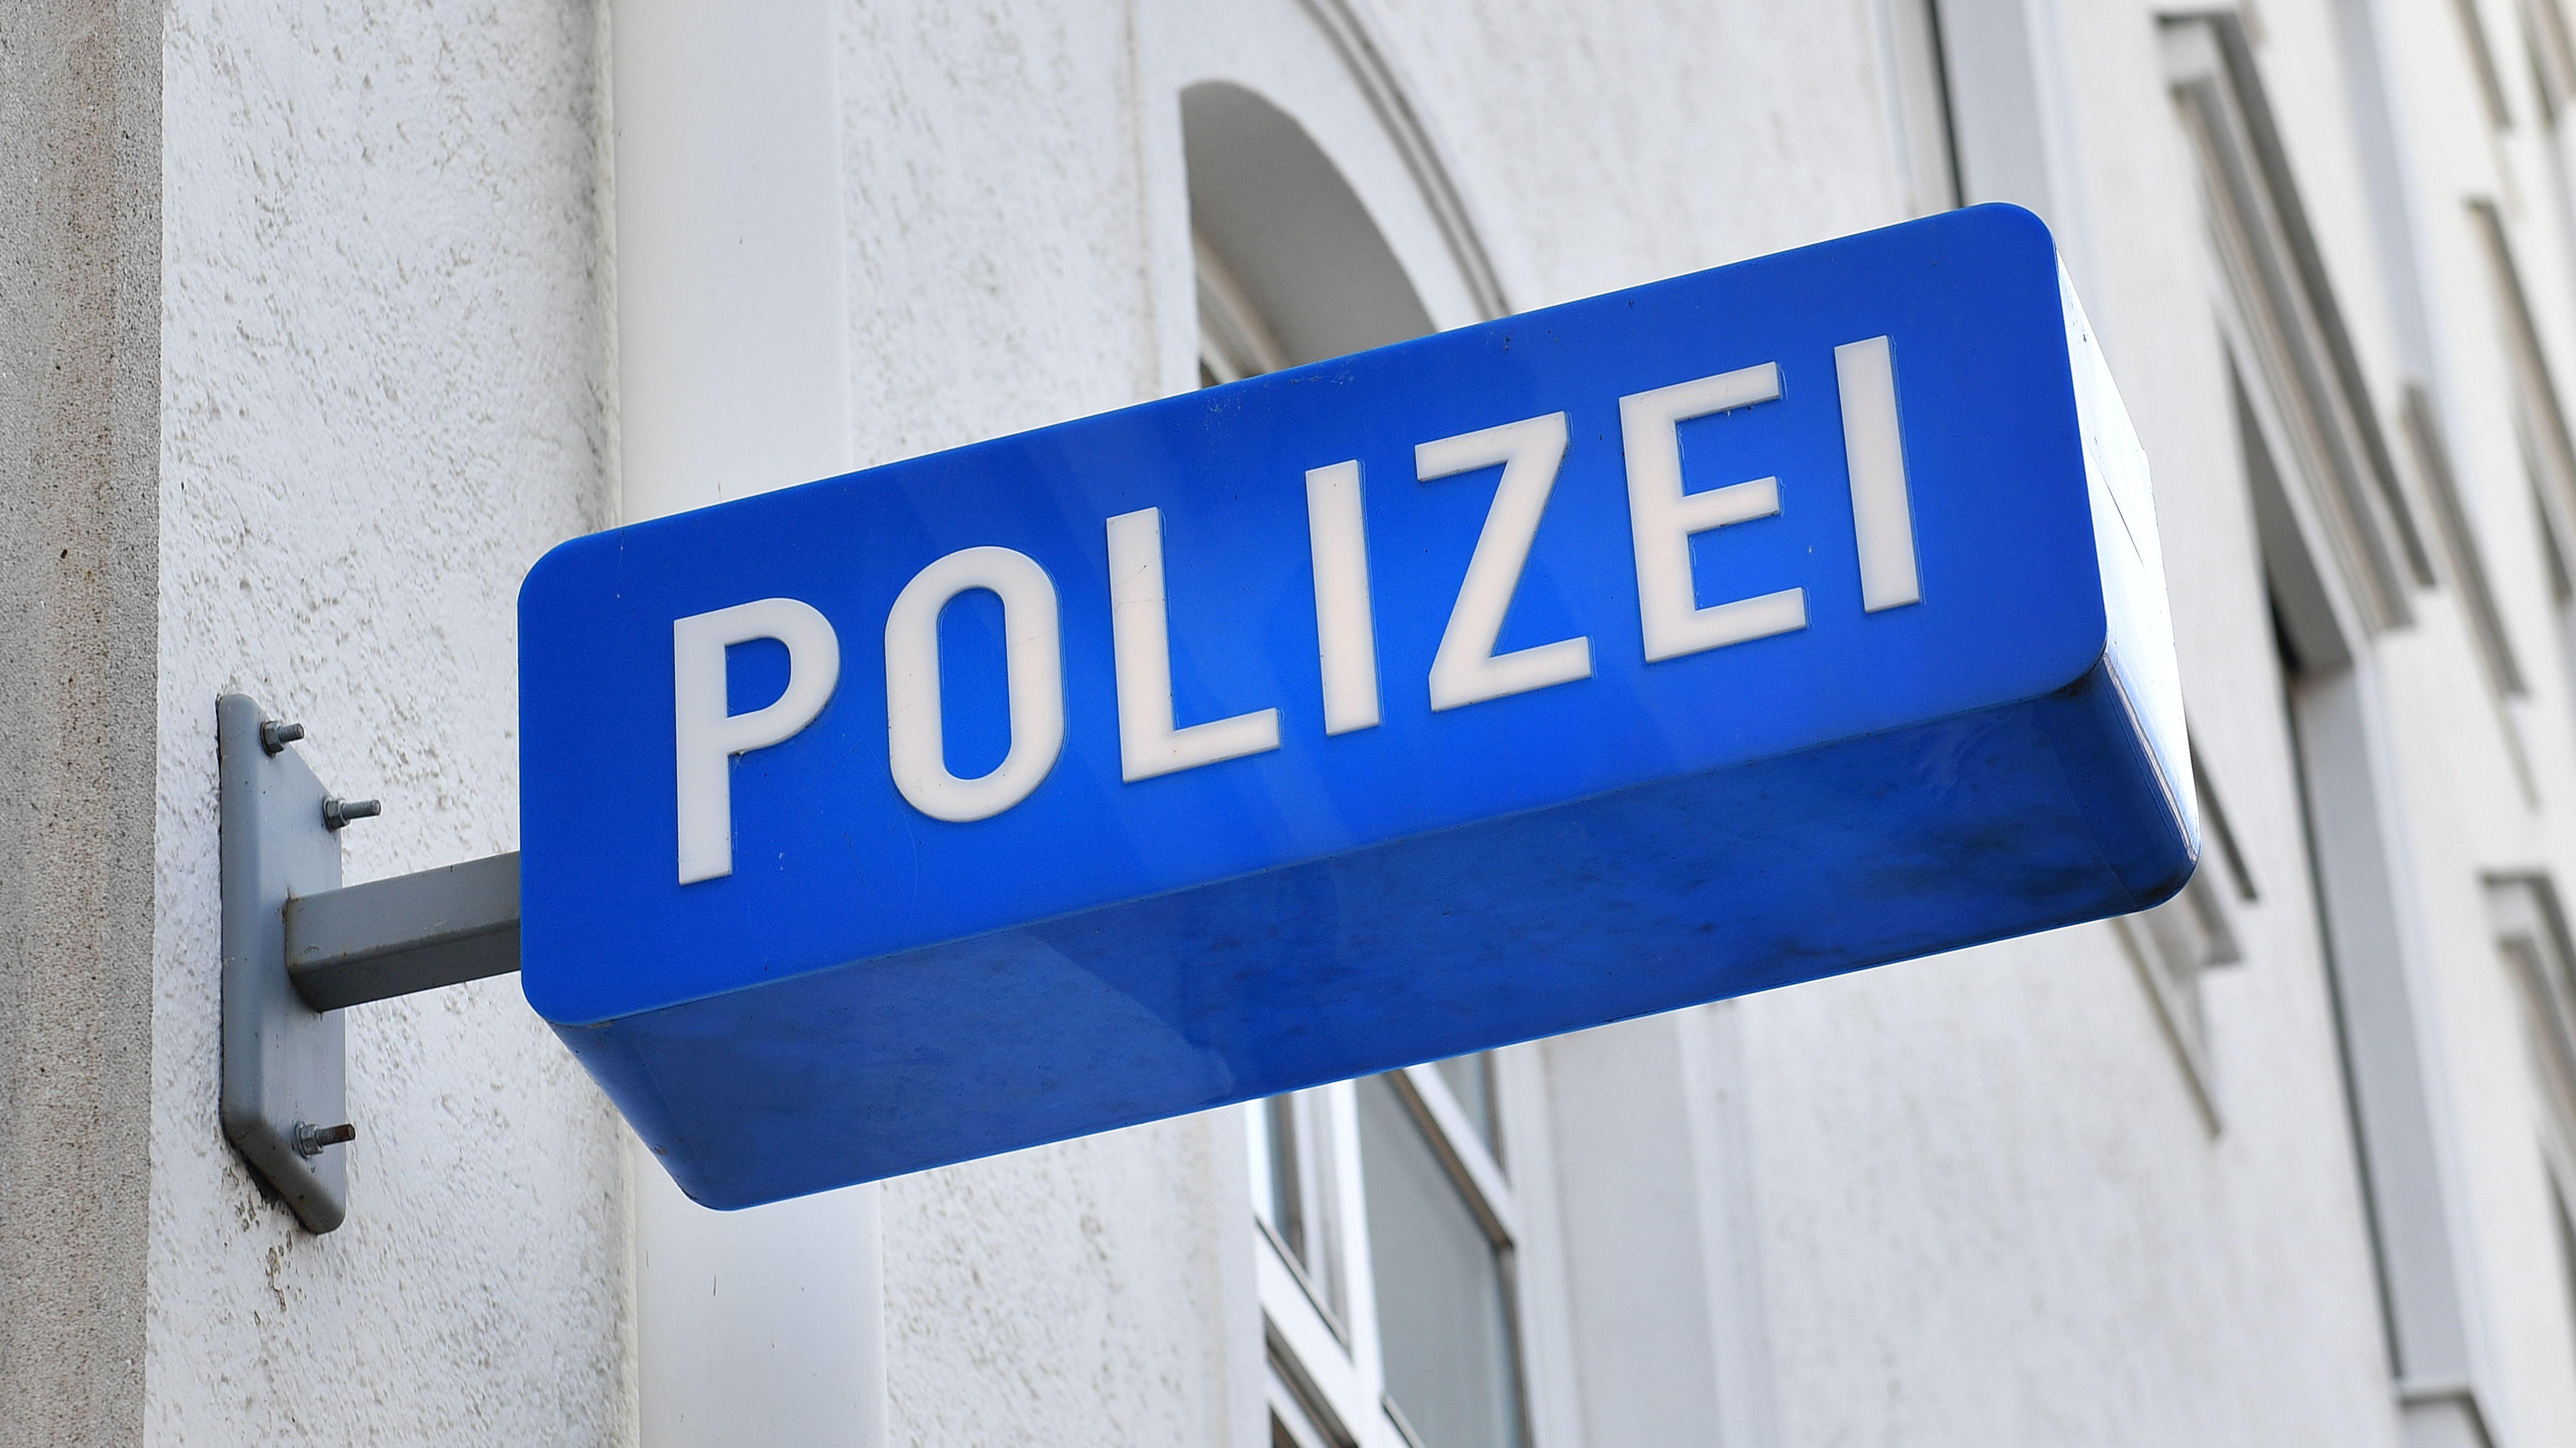 Symbolbild eines Polizei-Schildes